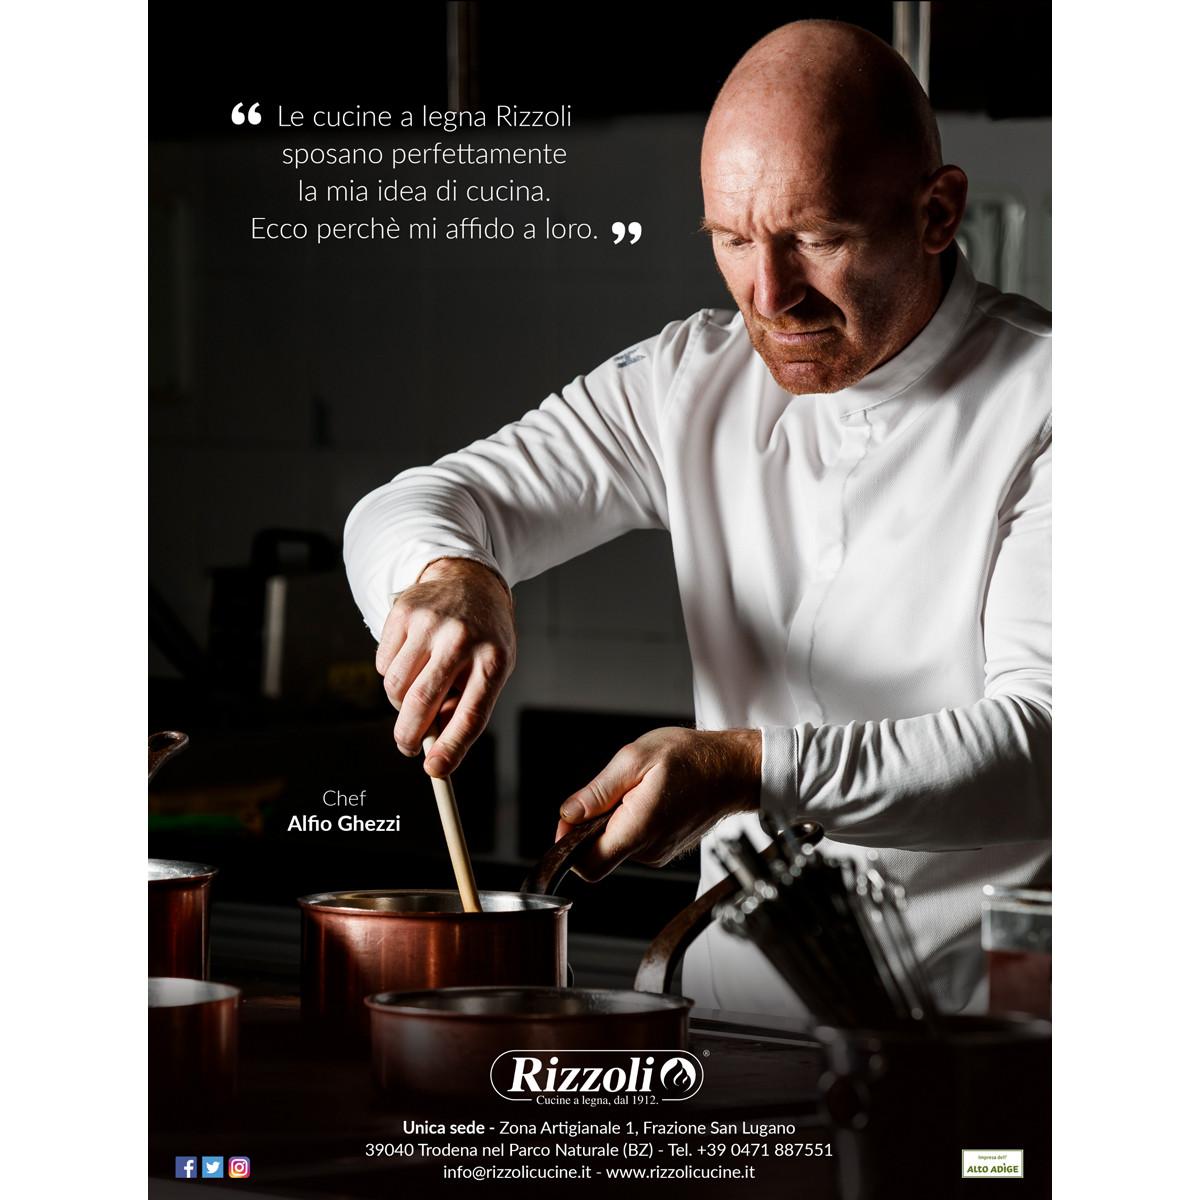 Press | Rizzoli cucine